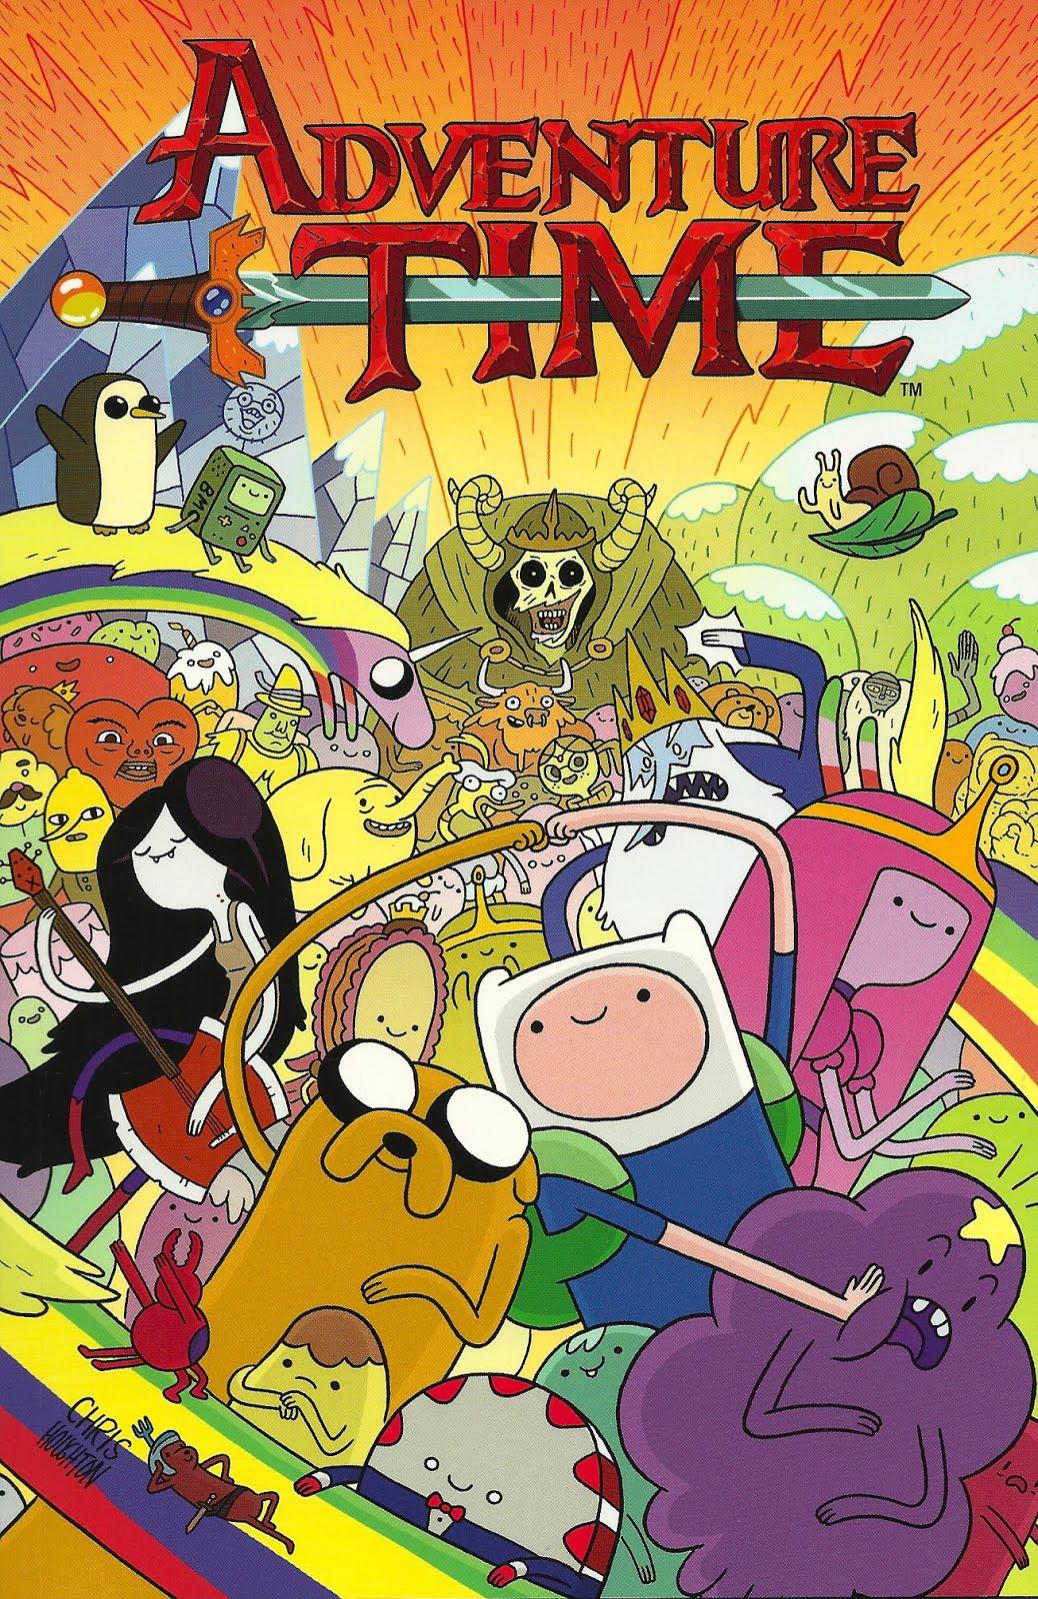 Réservé aux abonnés CanalSat : Comic Book Finn et ses Amis: Adventure Time (Edition Limitée) gratuit